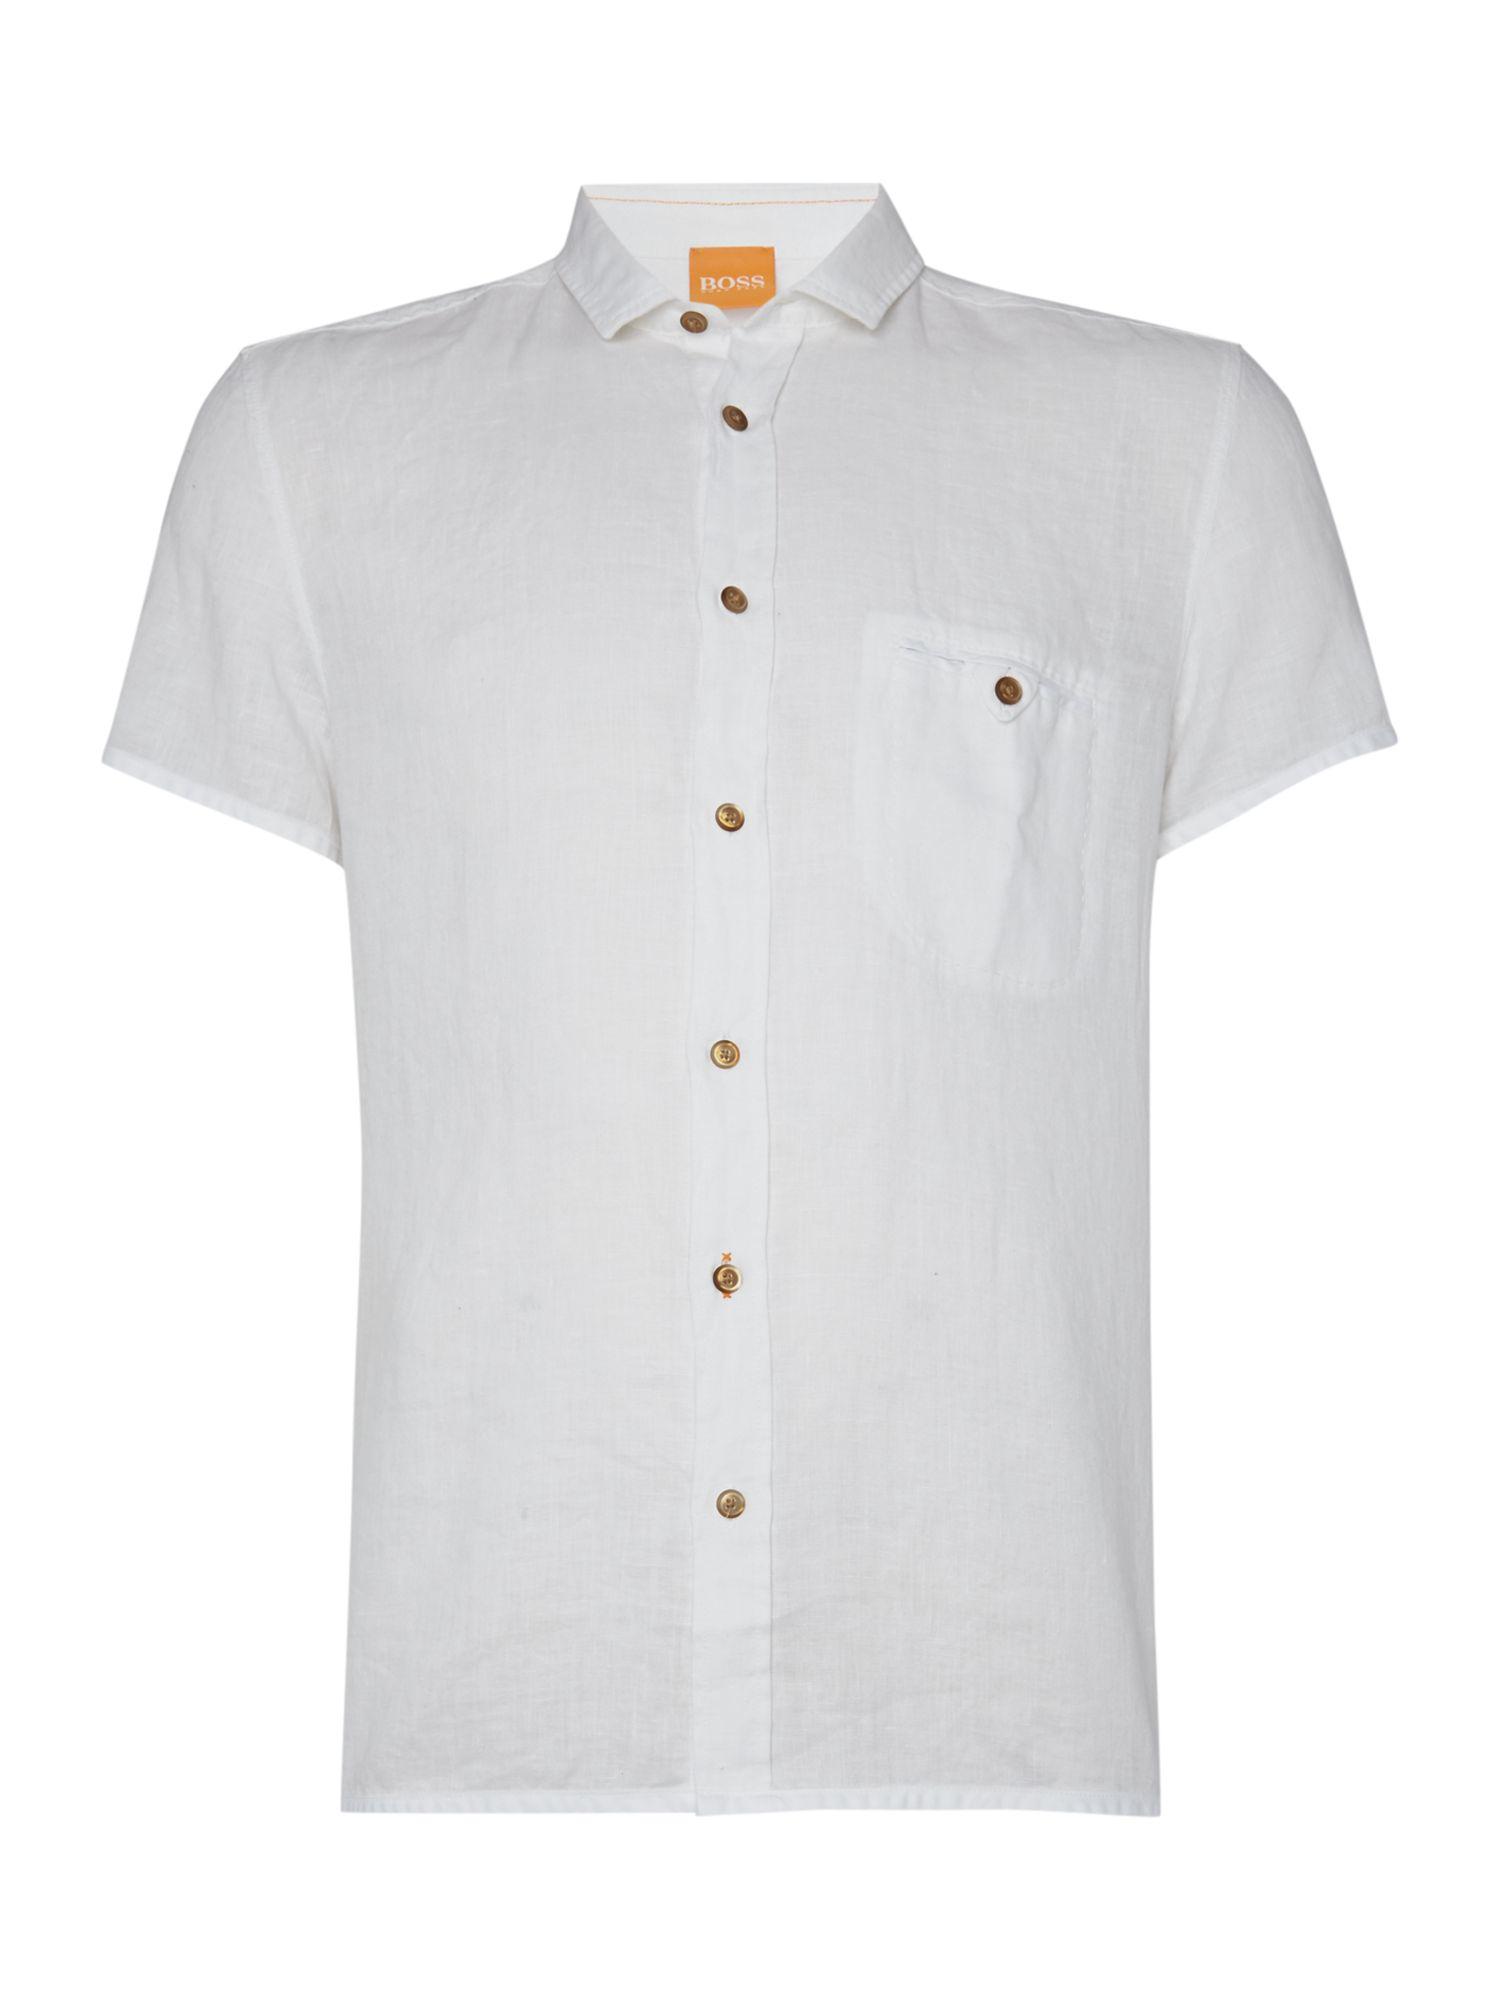 Boss esushie classic fit linen short sleeve shirt in white for Short sleeve linen shirt